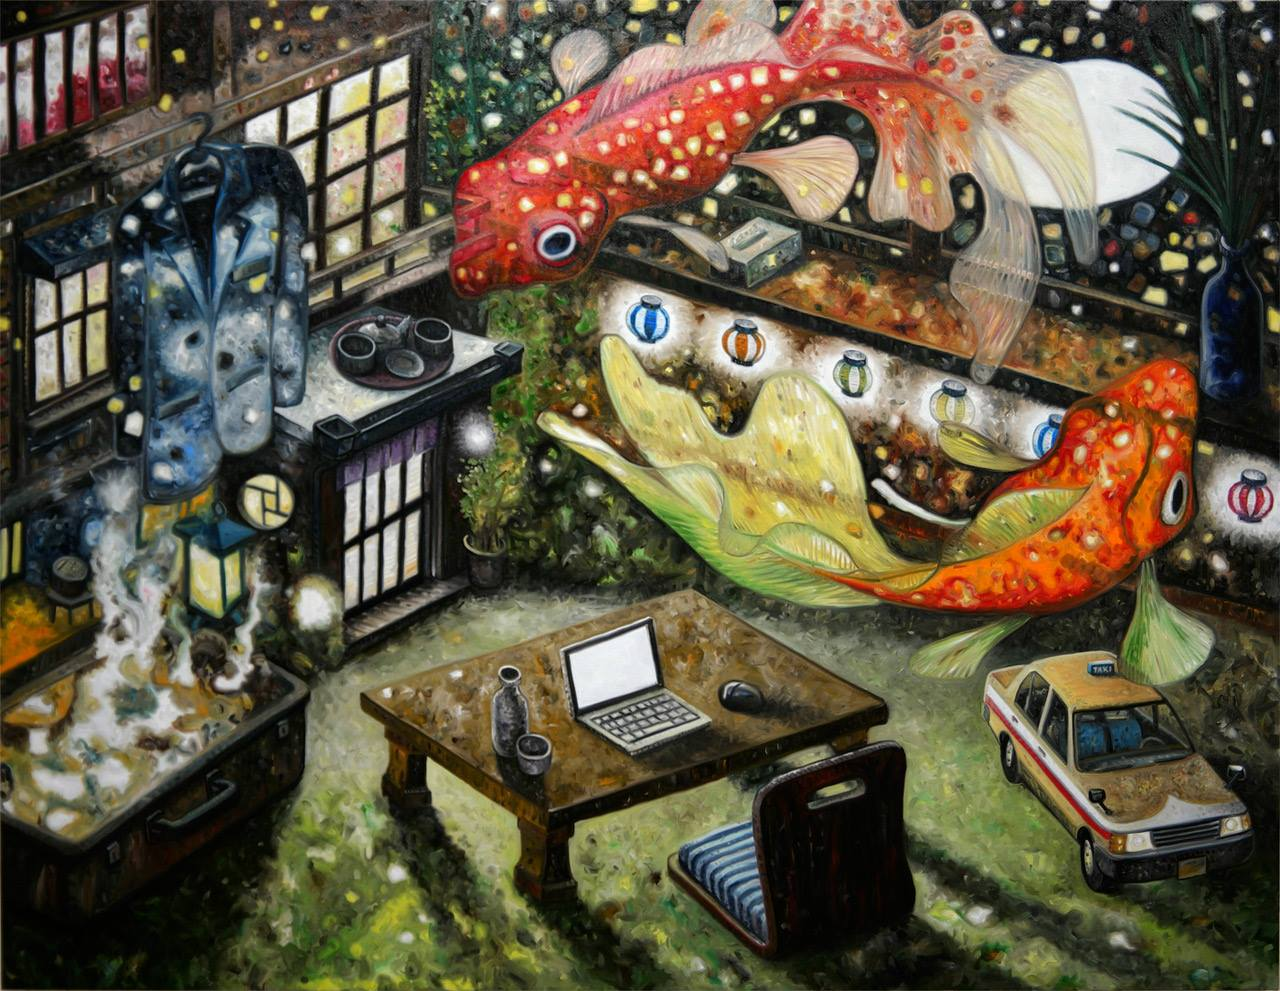 oscar-oiwa-entrevista-dionsio-arte-5